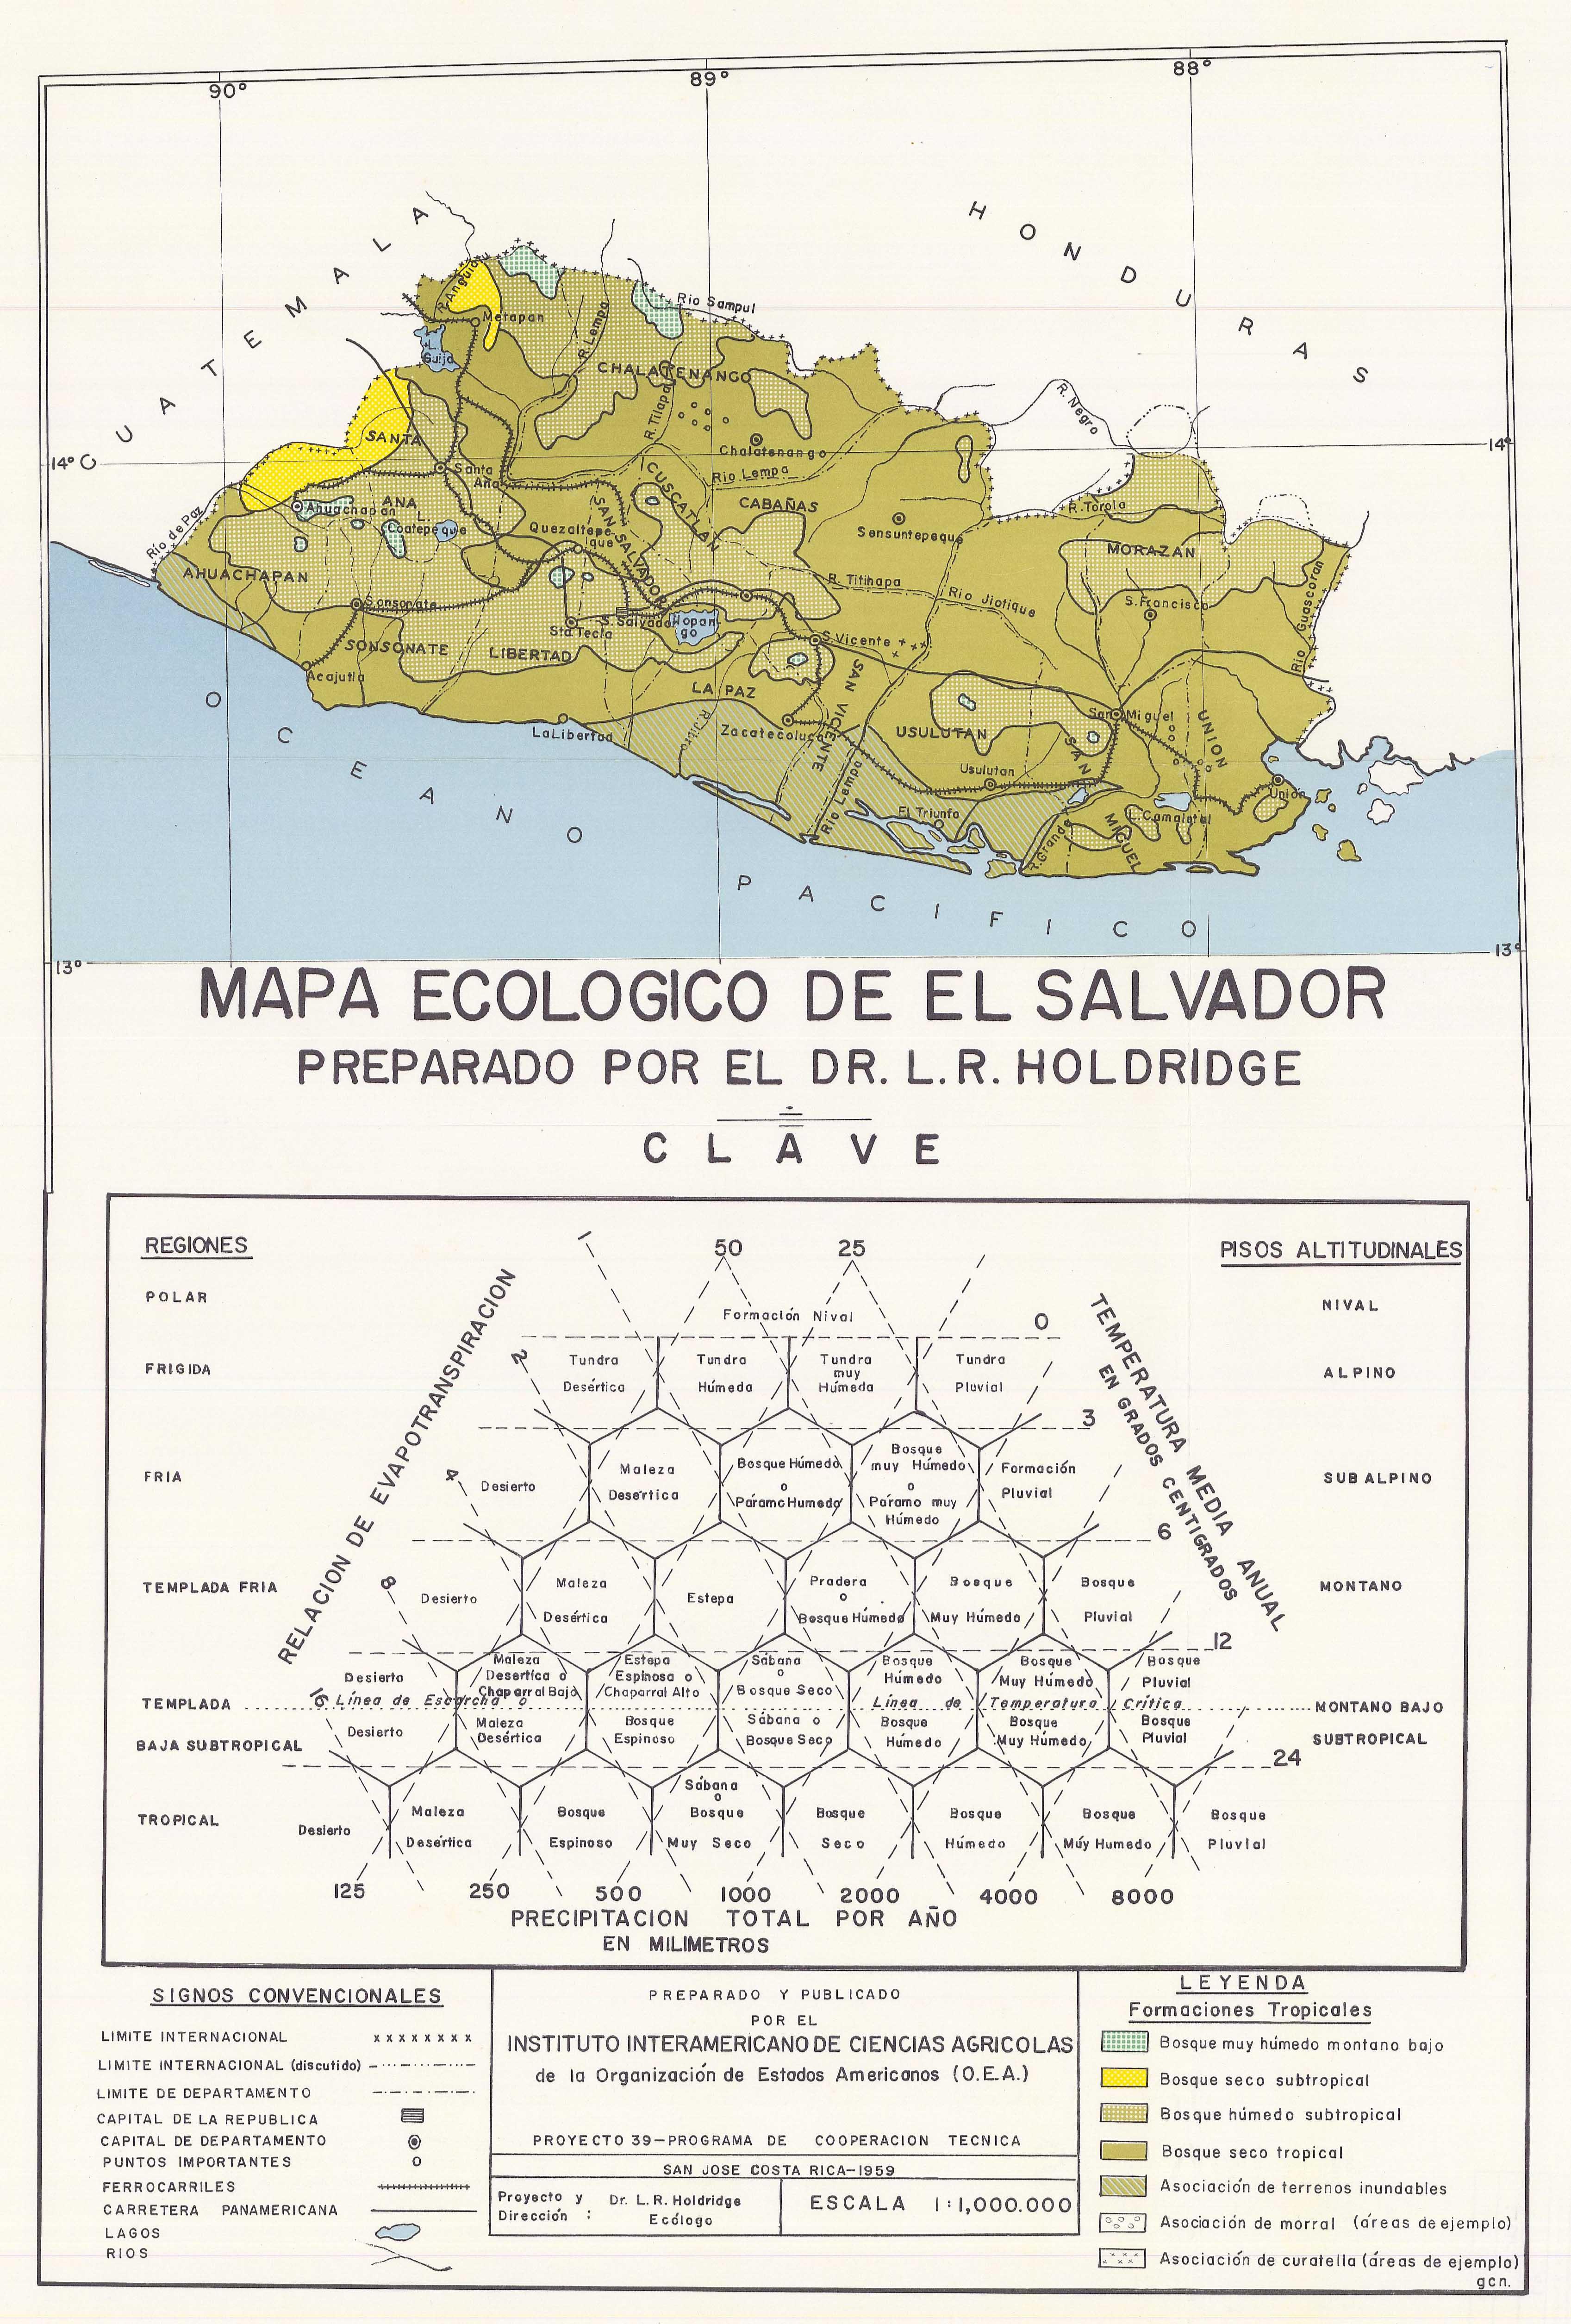 Mapa Ecologico Republica De El Salvador Esdac European Commission